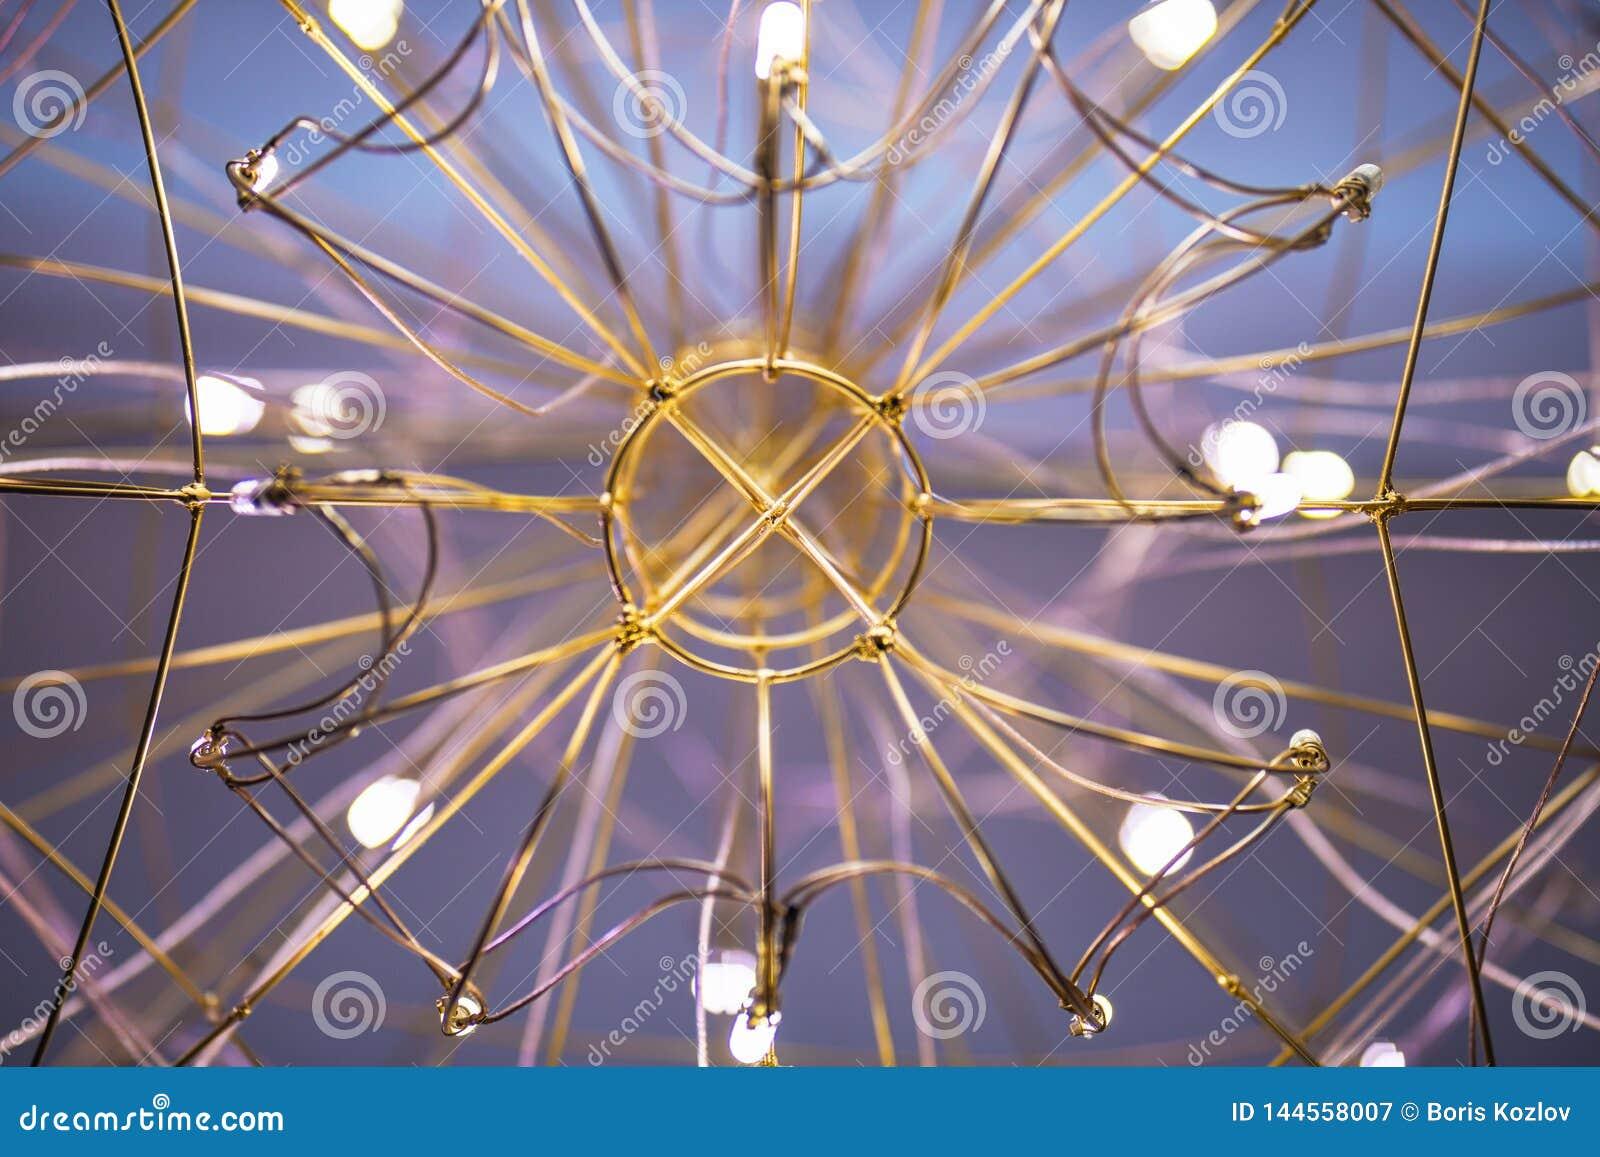 Sikt av ljuskronan underifr?n, ljuskronan i form av en reng?ringsdukn?rbild